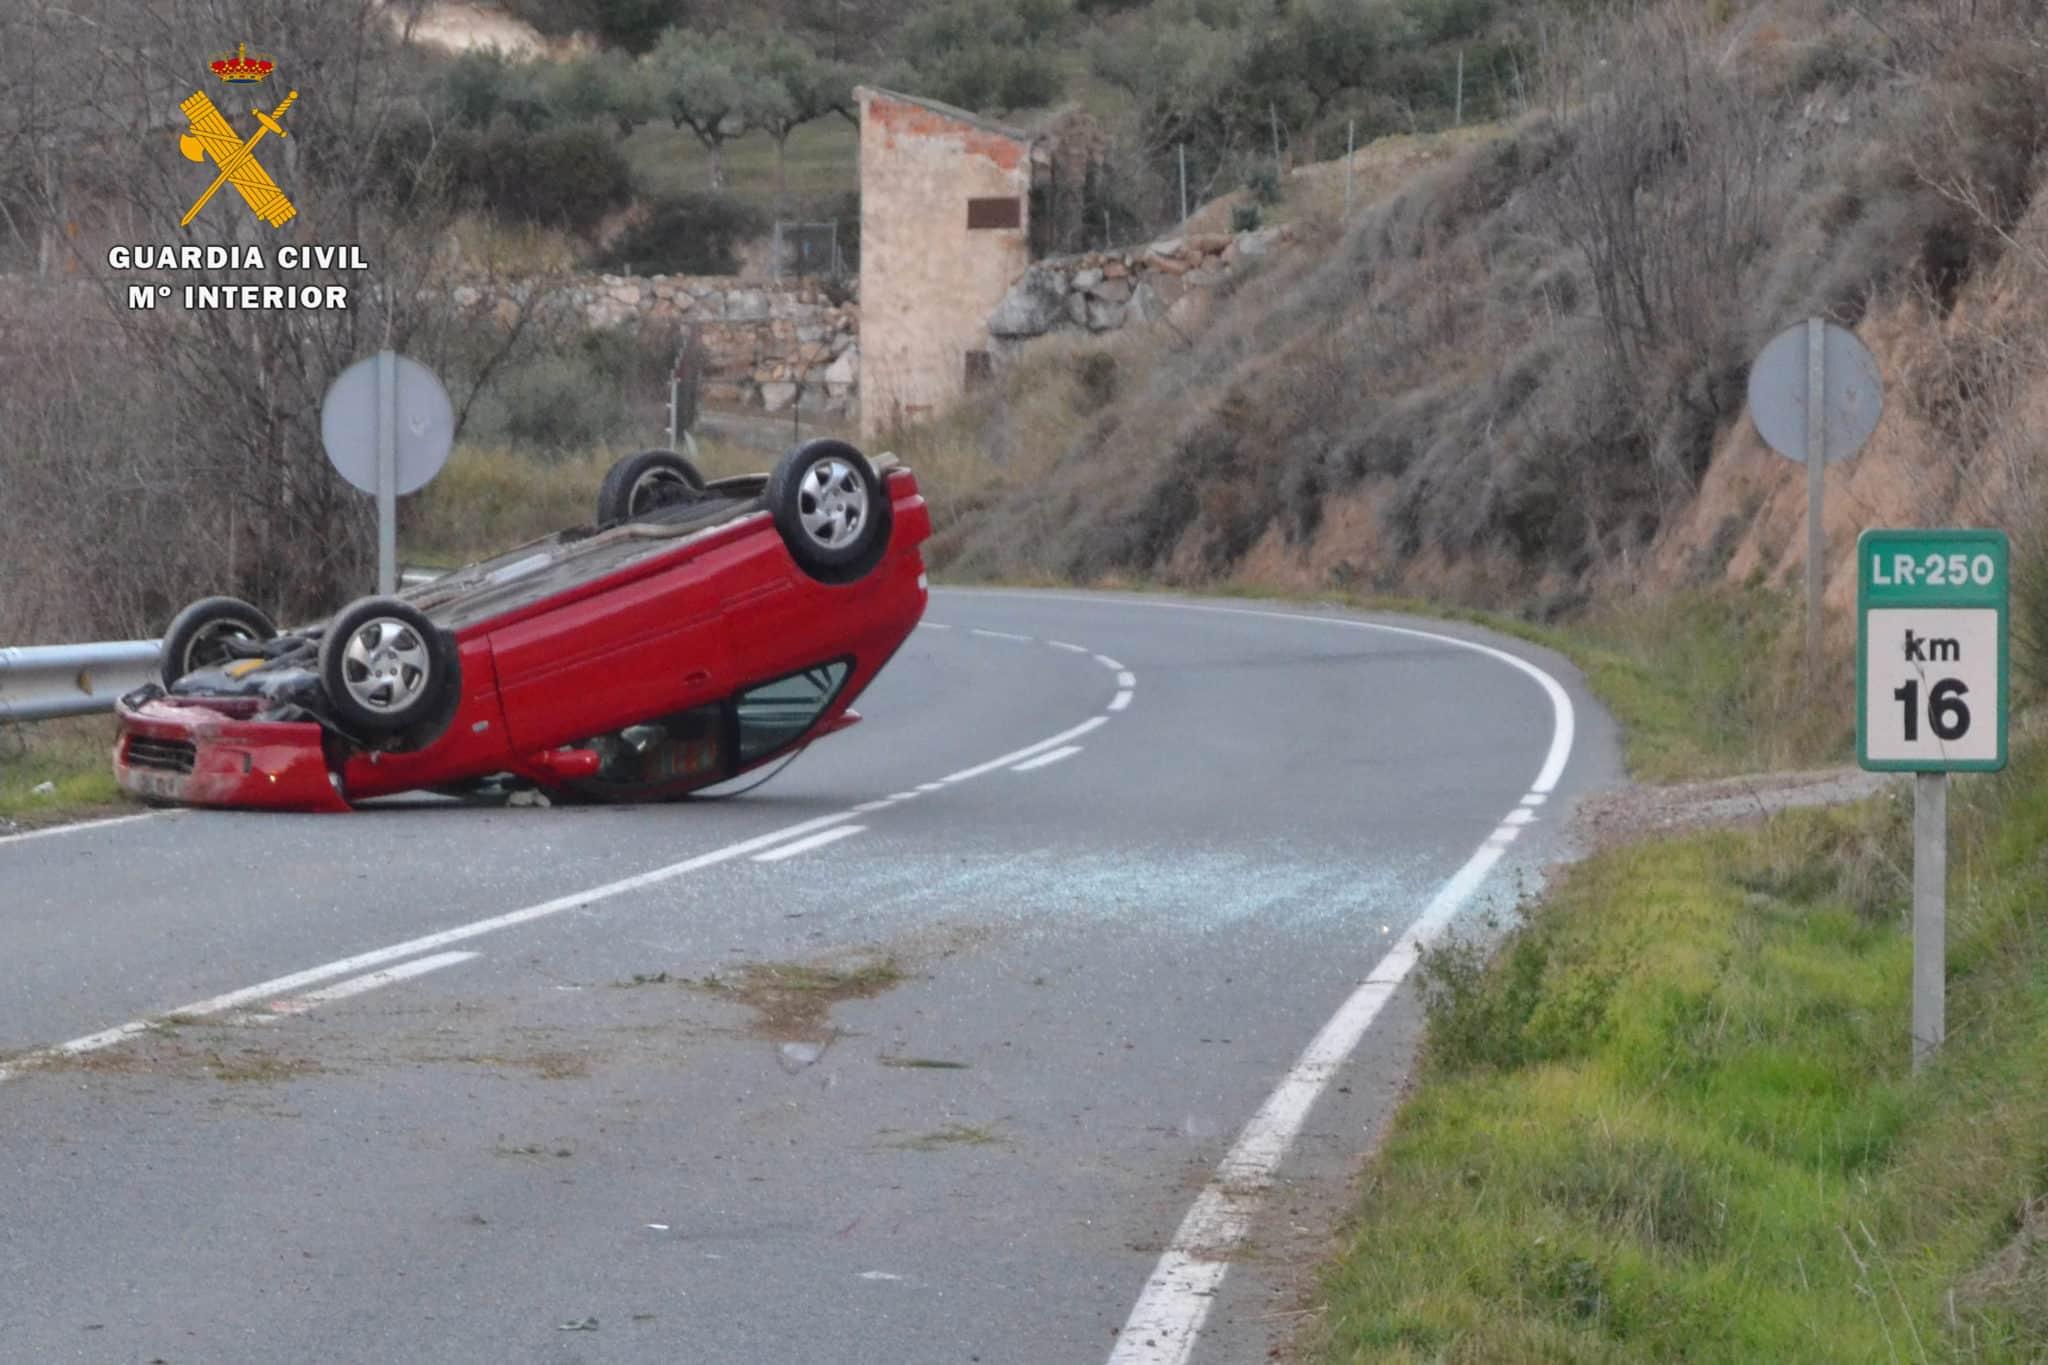 La Guardia Civil investiga al conductor que atropelló mortalmente a un hombre en La Rioja 1